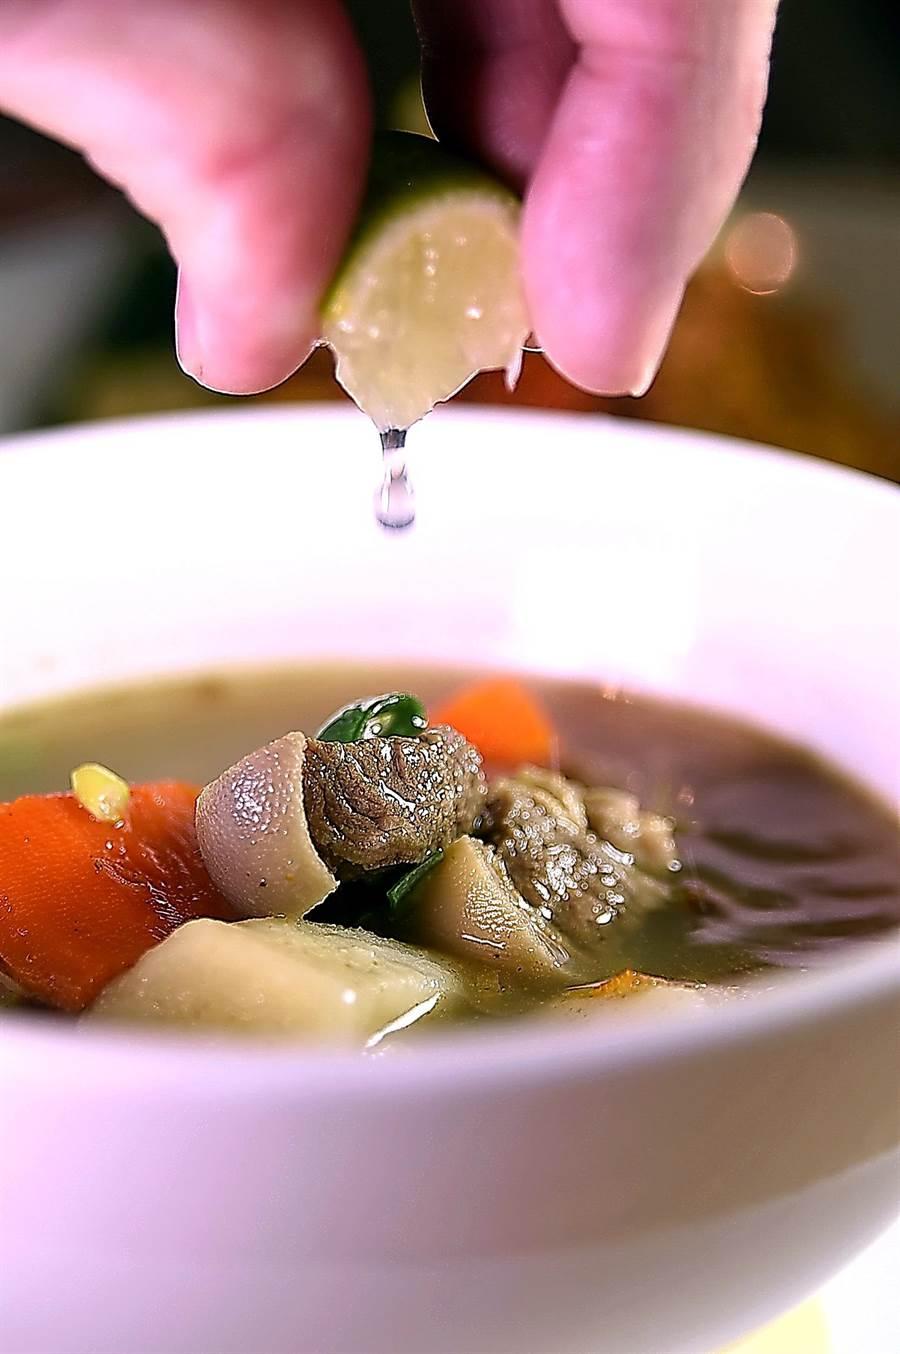 台北君悦Buffet餐厅〈凯菲屋〉举办马来西亚美食节期间,可以喝到源于穆斯林的〈马来羊肉汤〉,喝时挤入柠檬汁风味更佳。(图/姚舜)